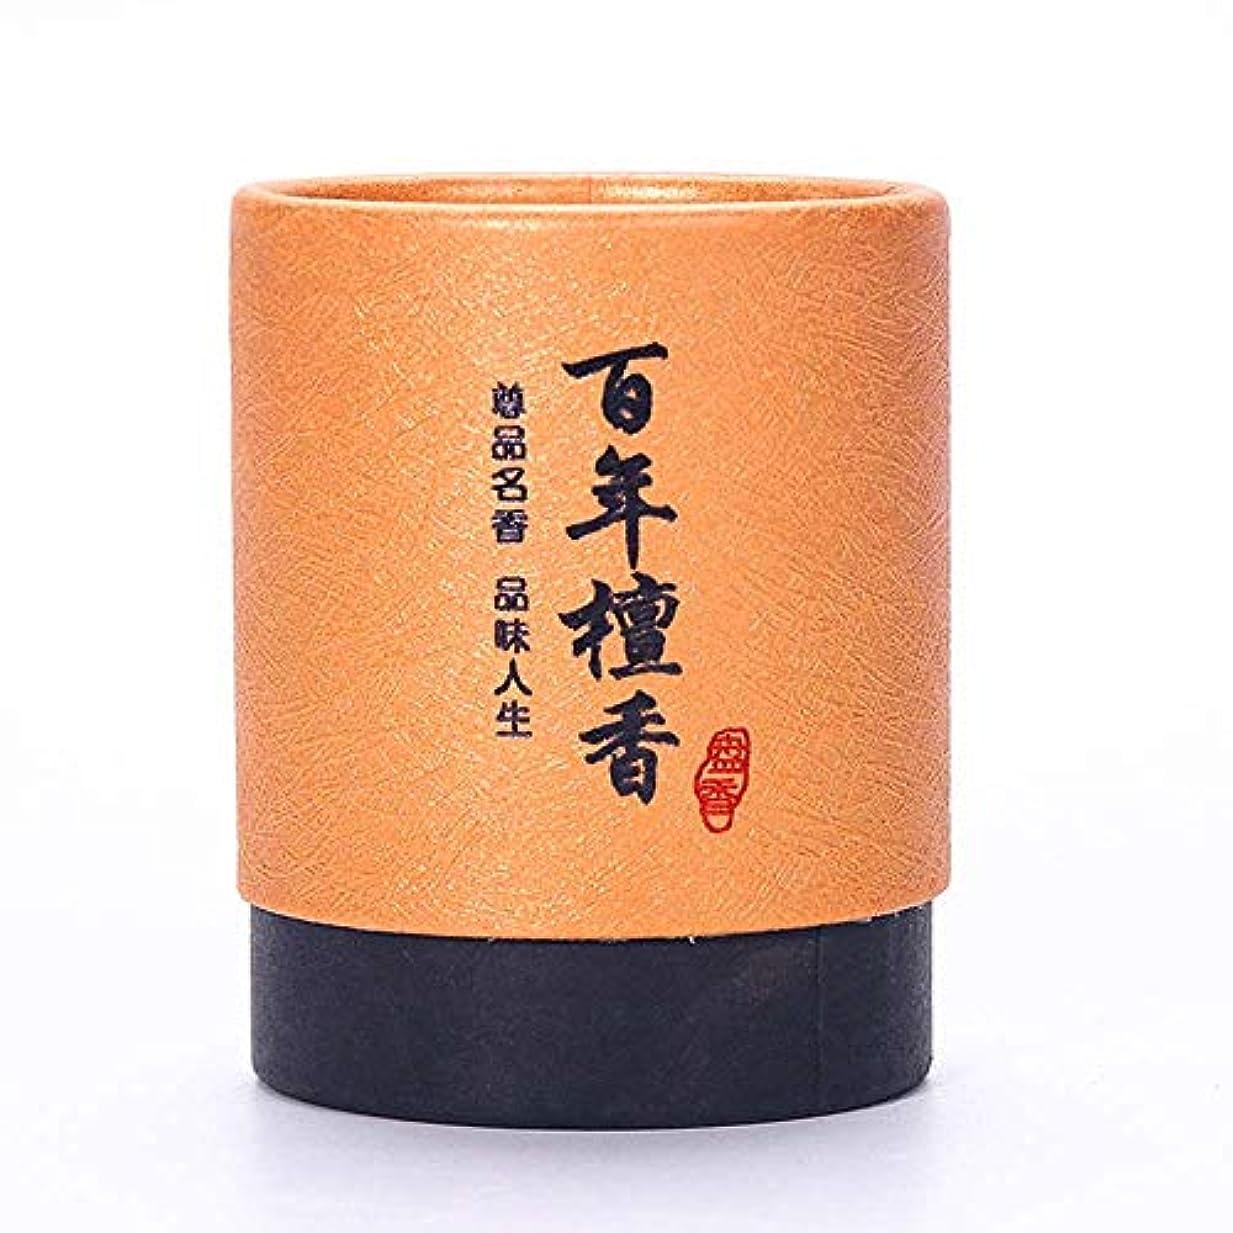 時系列苛性大洪水HwaGui お香 2時間 盤香 渦巻き線香 優しい香り 48巻入 (百年檀香)